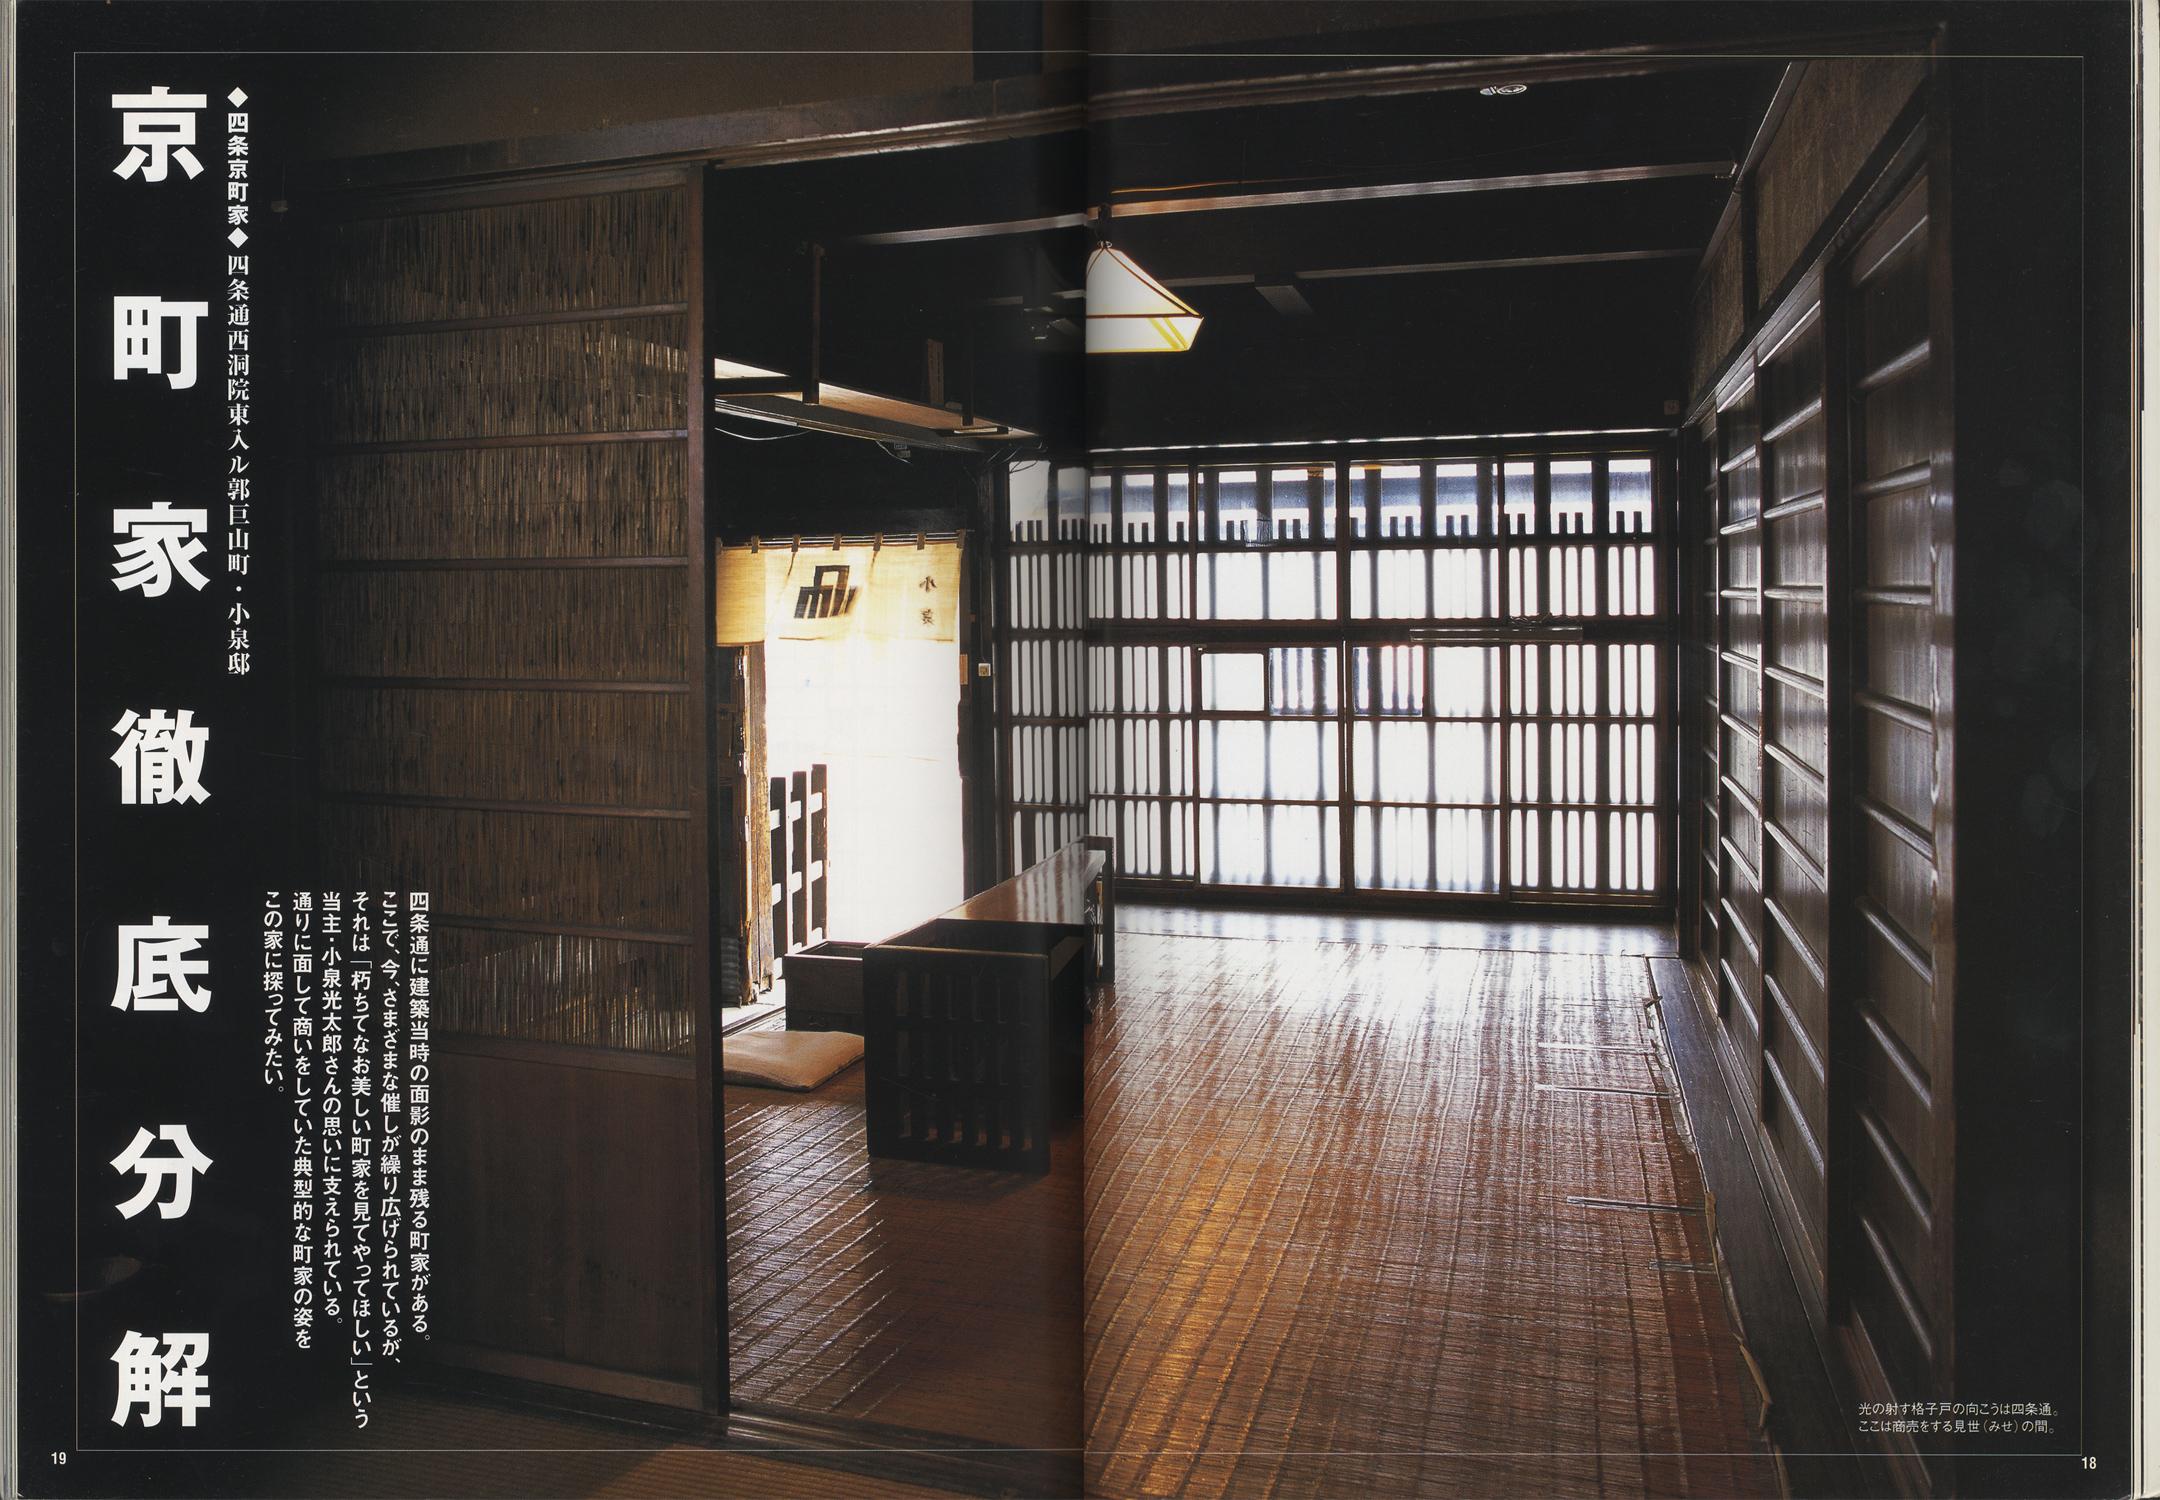 京の町家に暮らす 別冊太陽 日本のこころ No.113 SPRING 2001[image2]